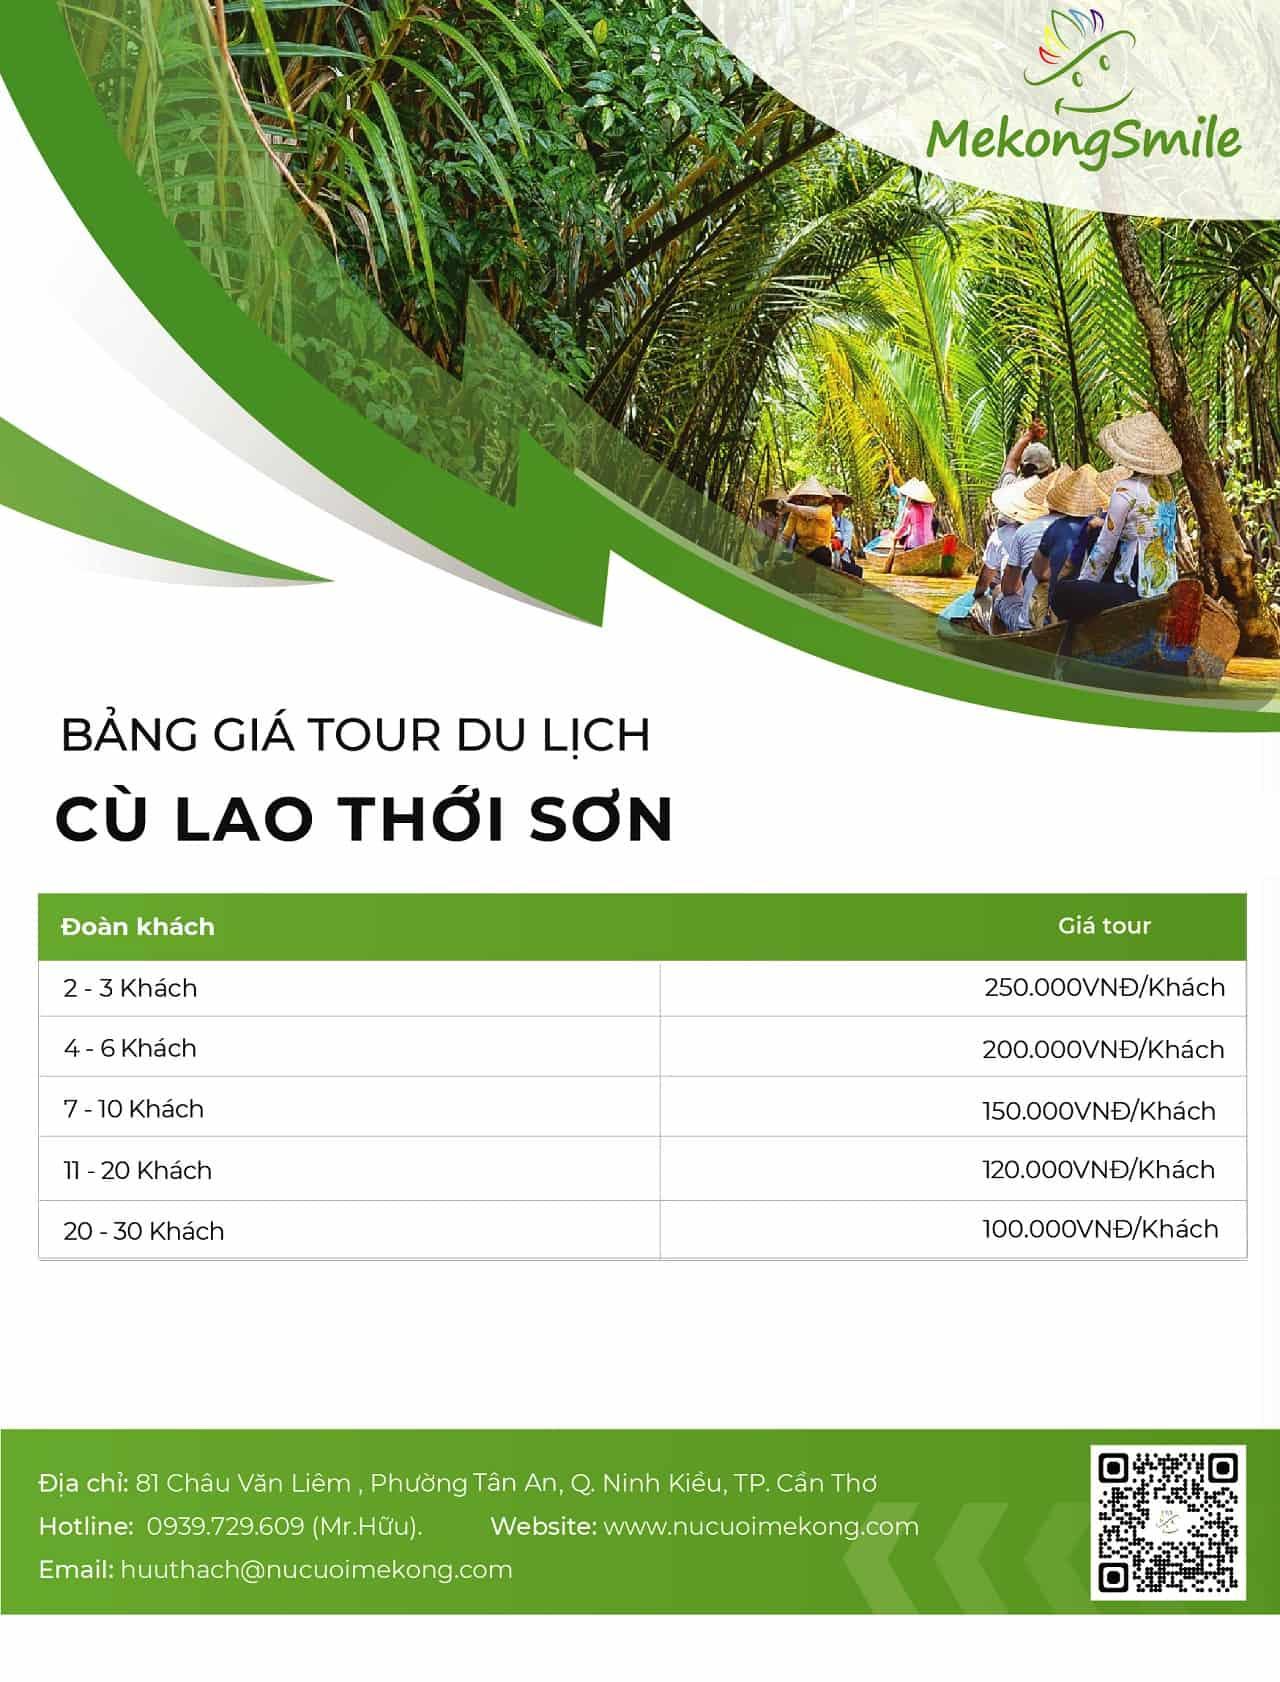 Bảng giá tour du lịch Cồn Thới Sơn